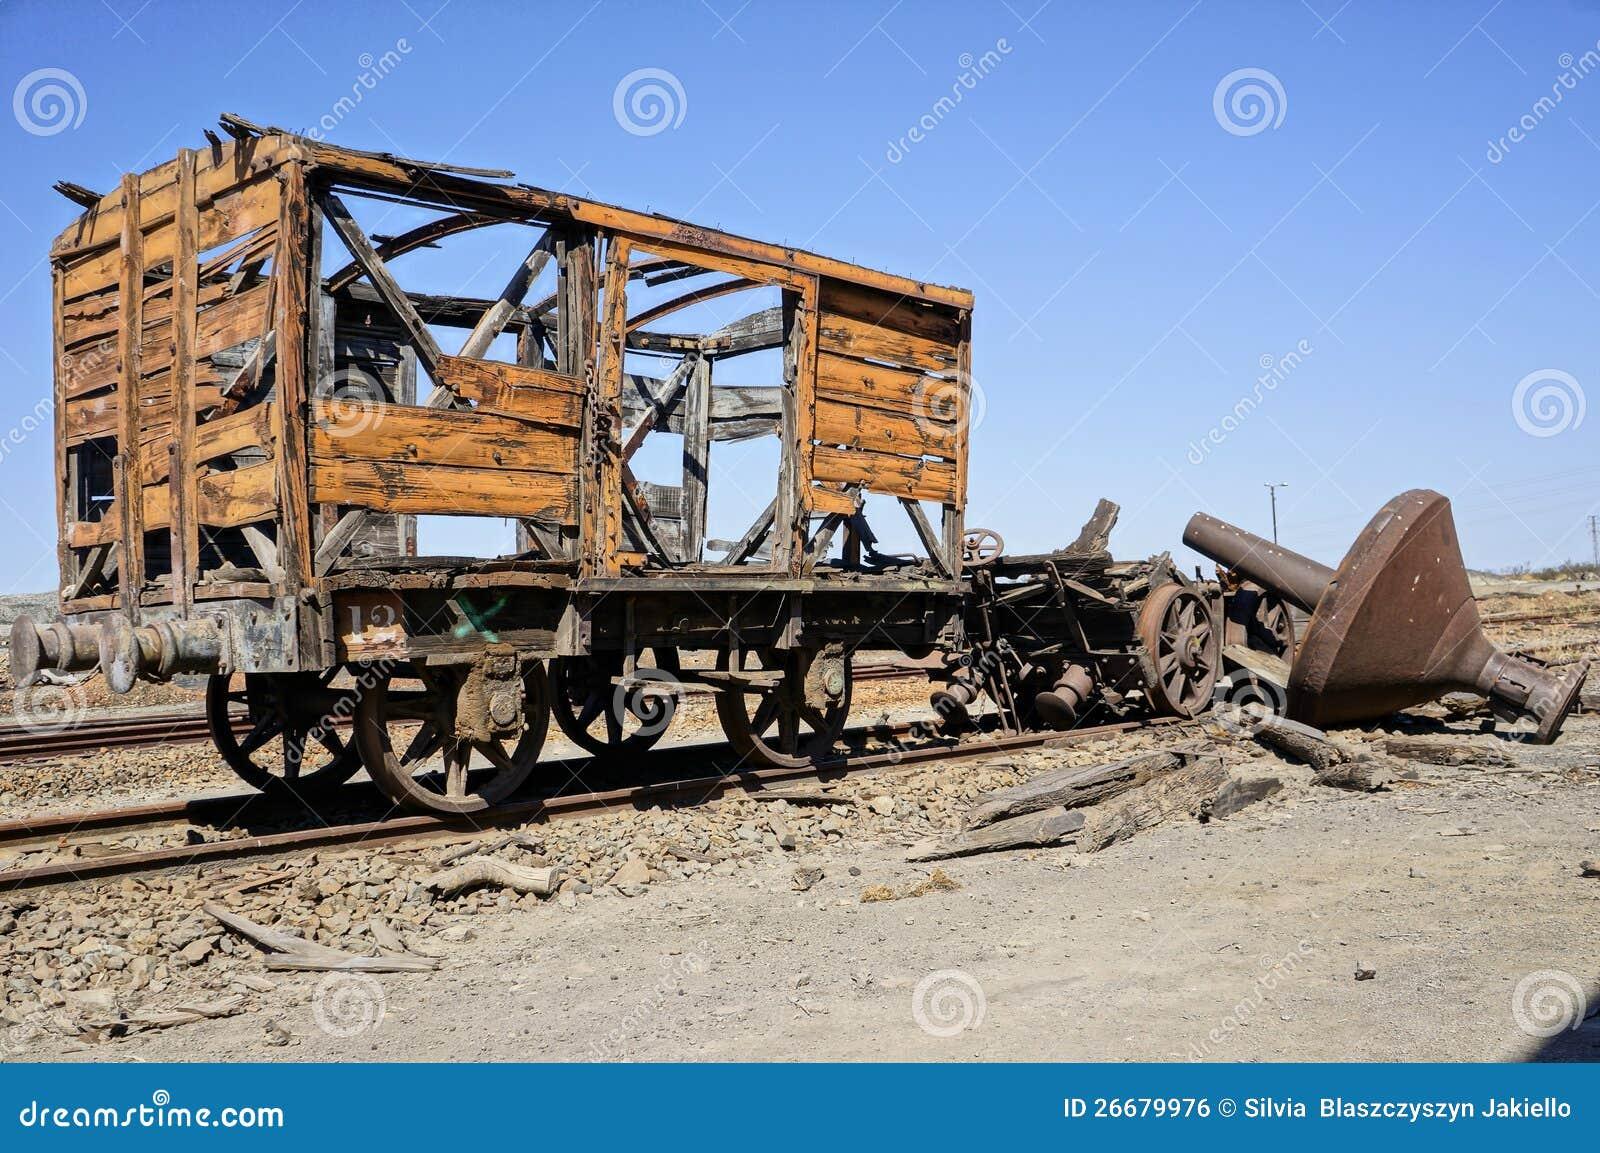 Starych udostępnień frachtowy furgon.